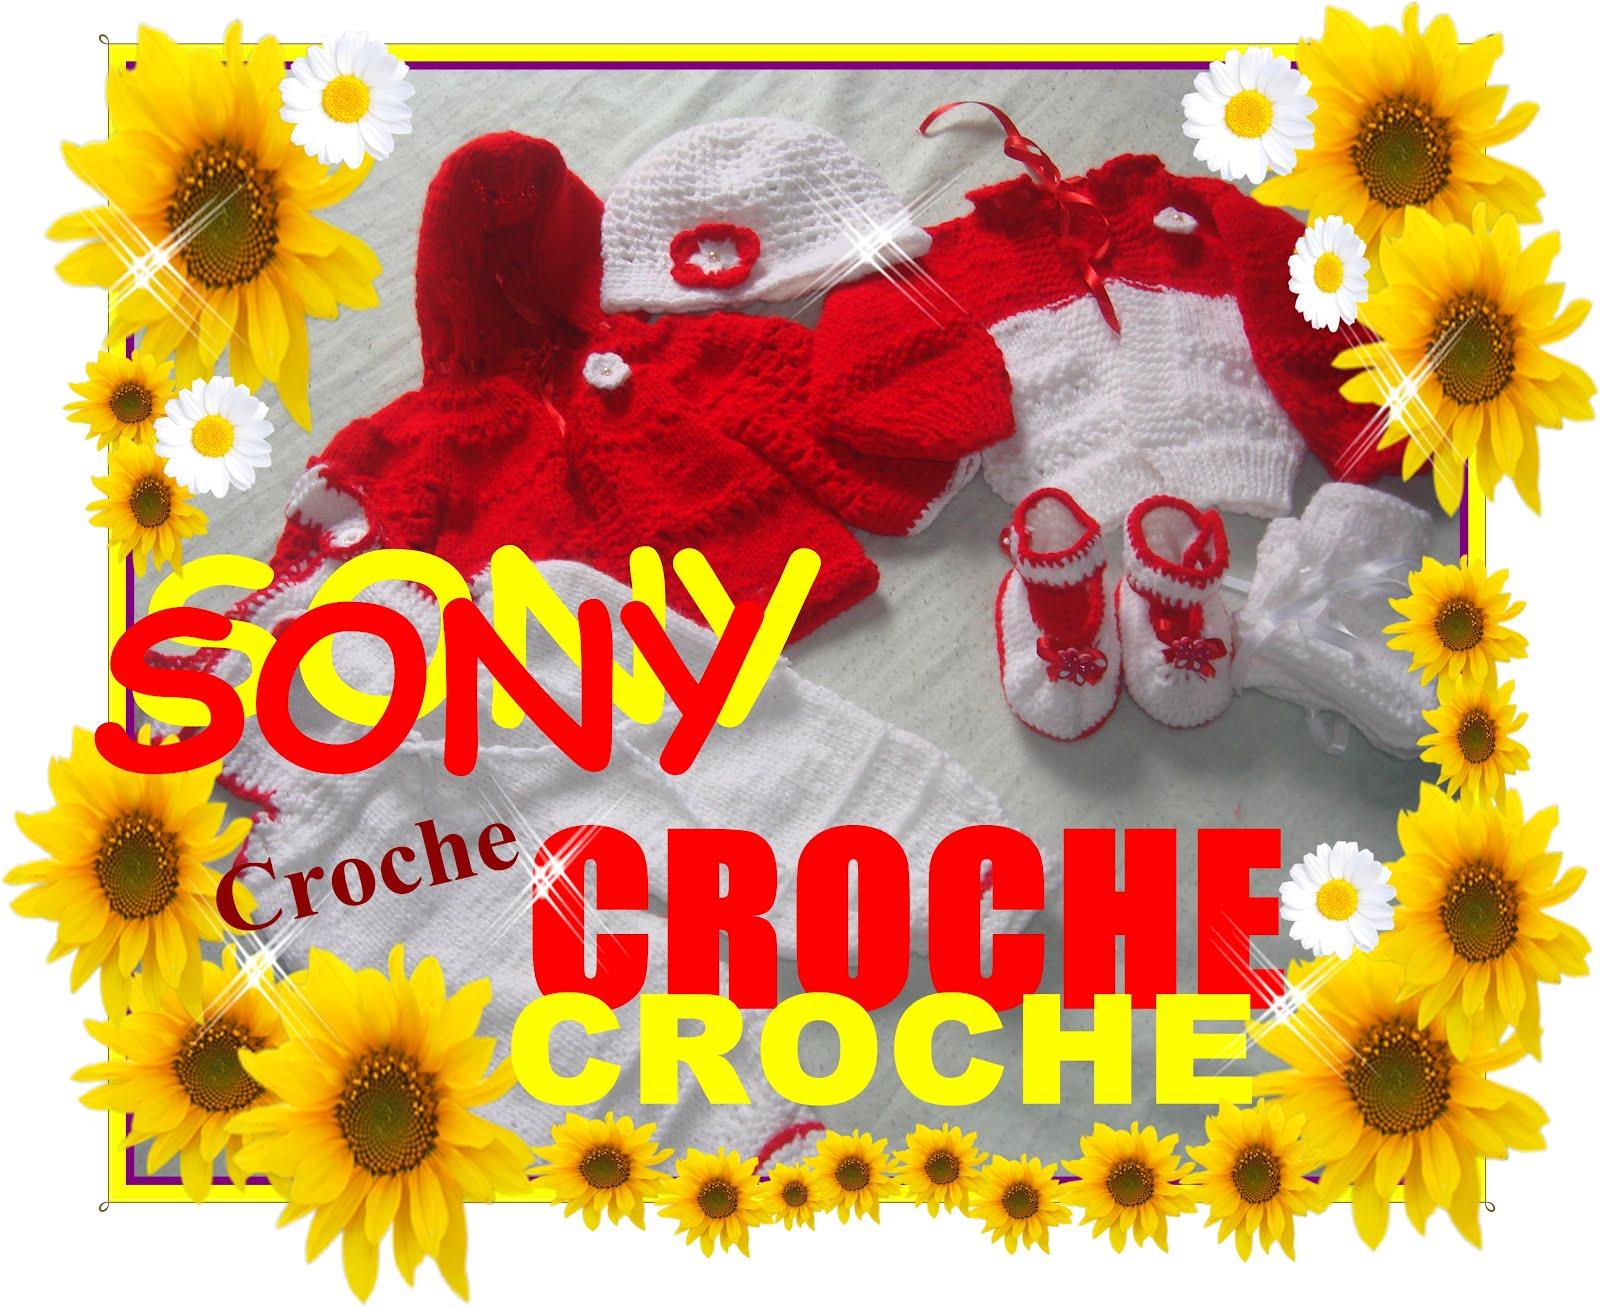 Croche da Sony